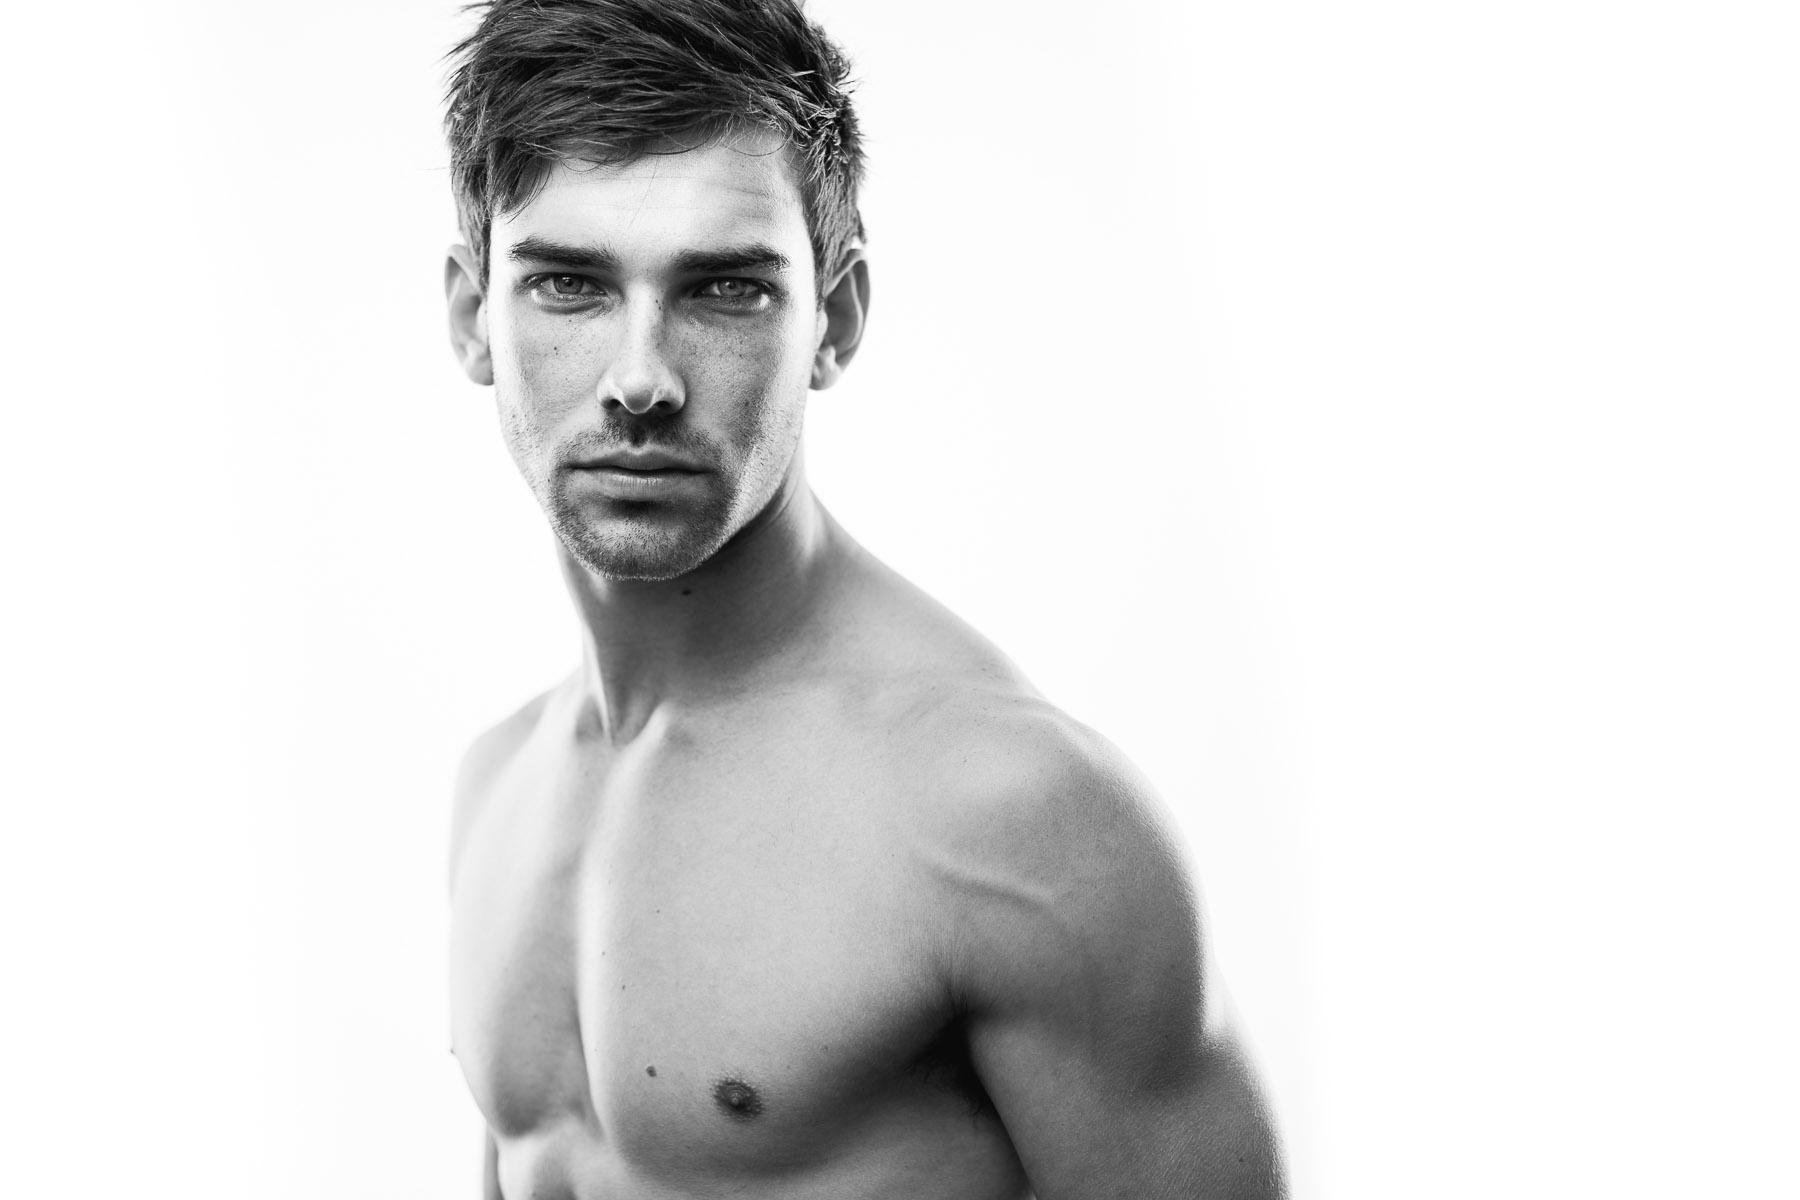 anthony-model-actor-headshots-adelaide-26.jpg